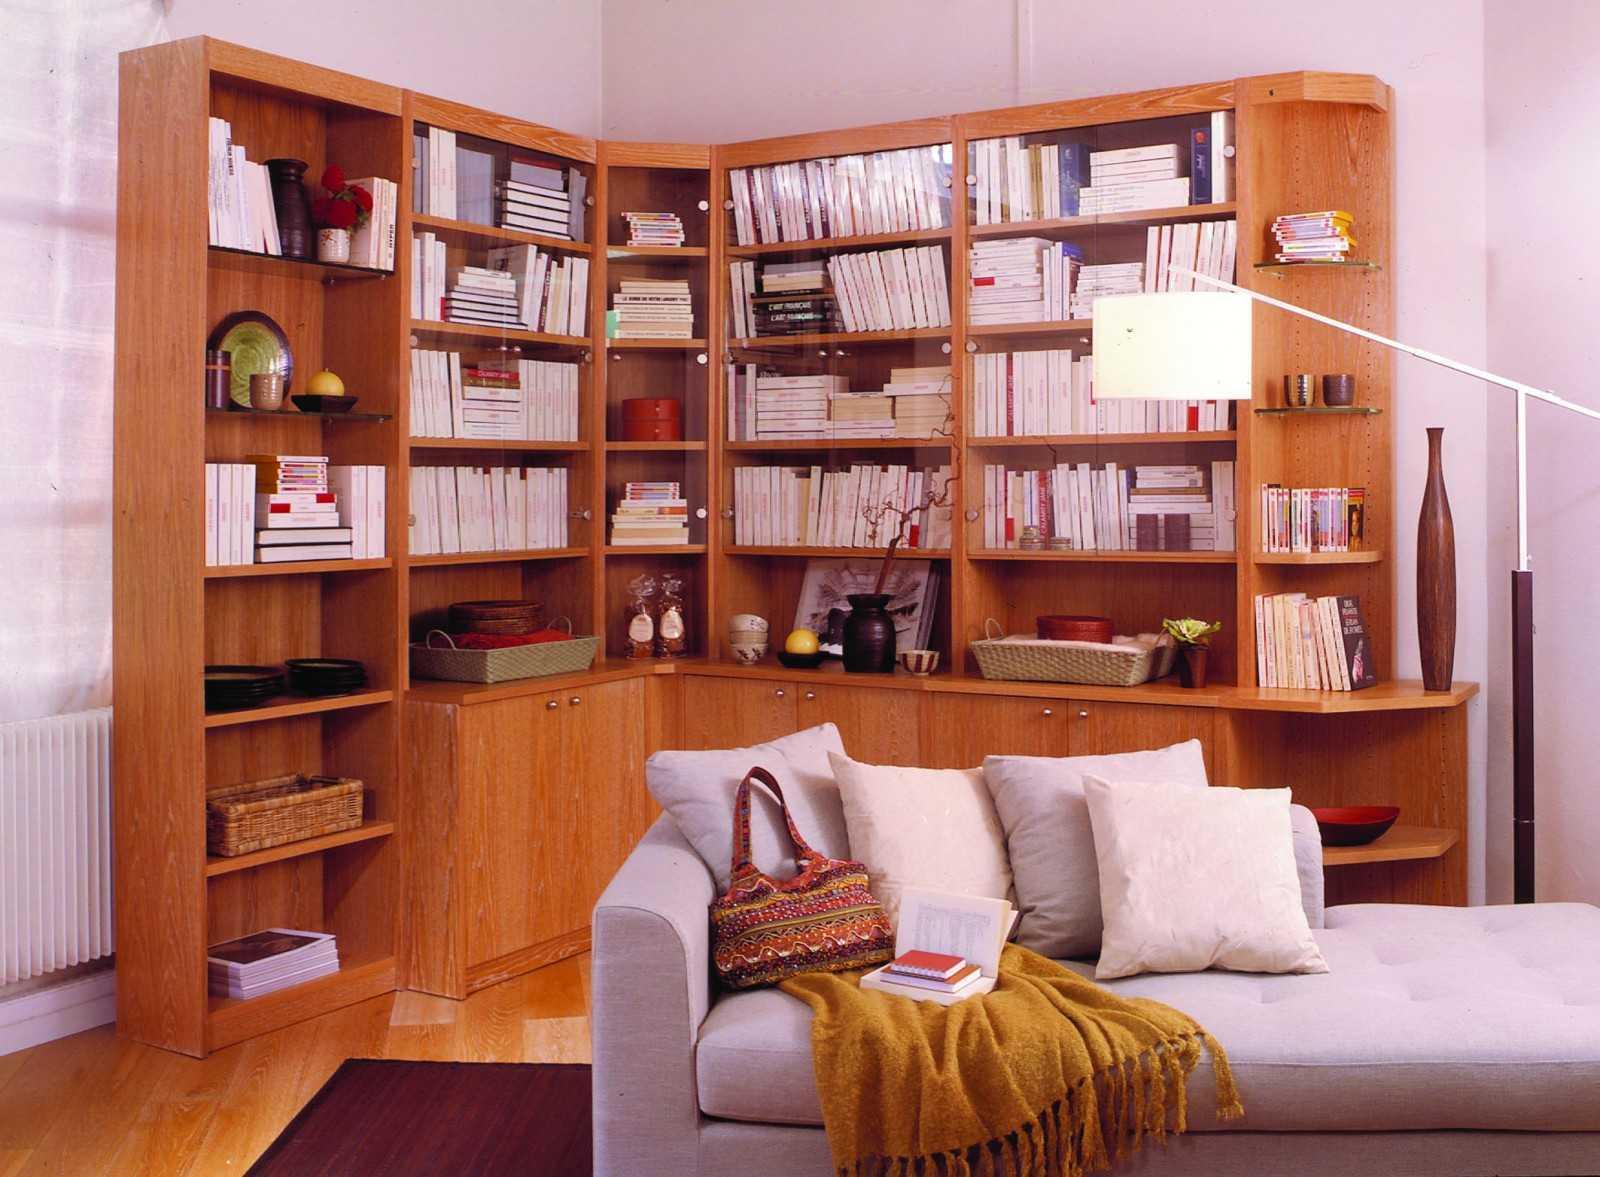 encyclop dia la maison des bibliotheques. Black Bedroom Furniture Sets. Home Design Ideas